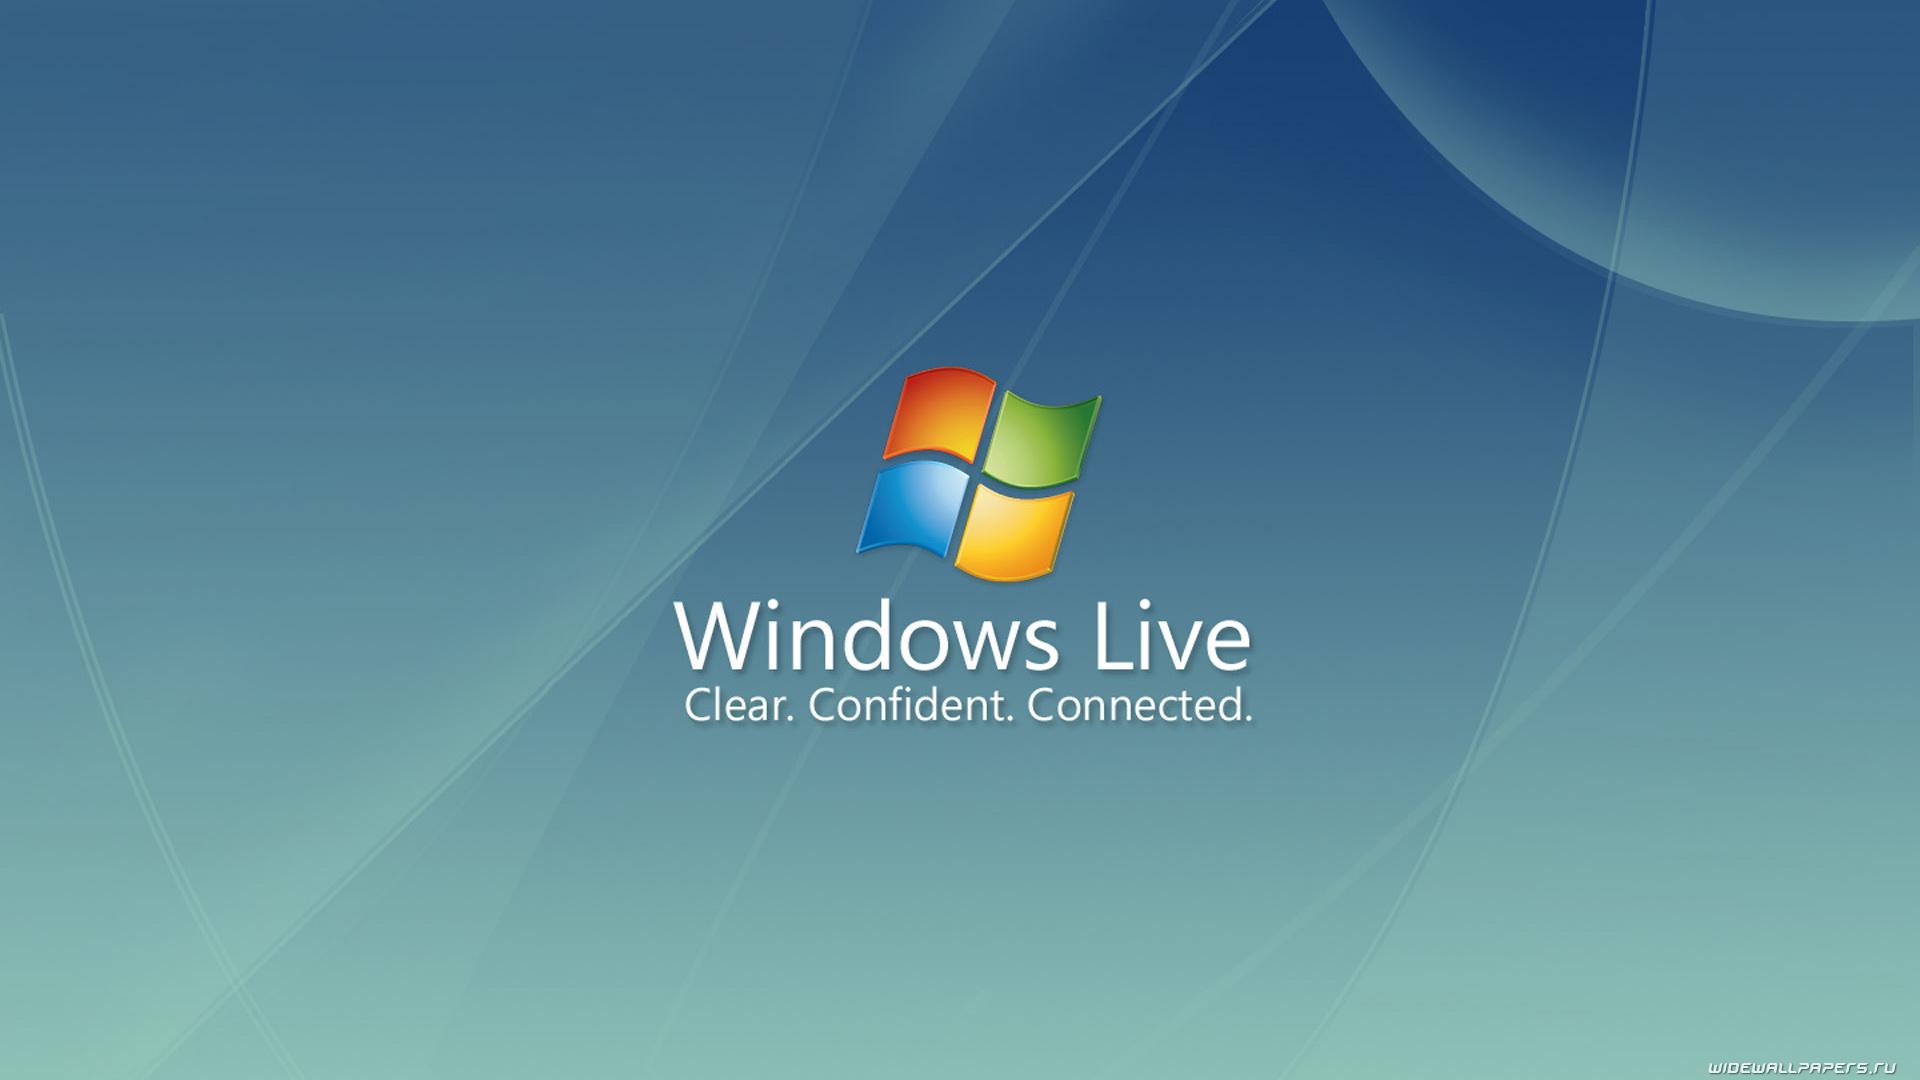 Windows Live Wallpapers HD Wallpaper of Windows - hdwallpaper2013.com